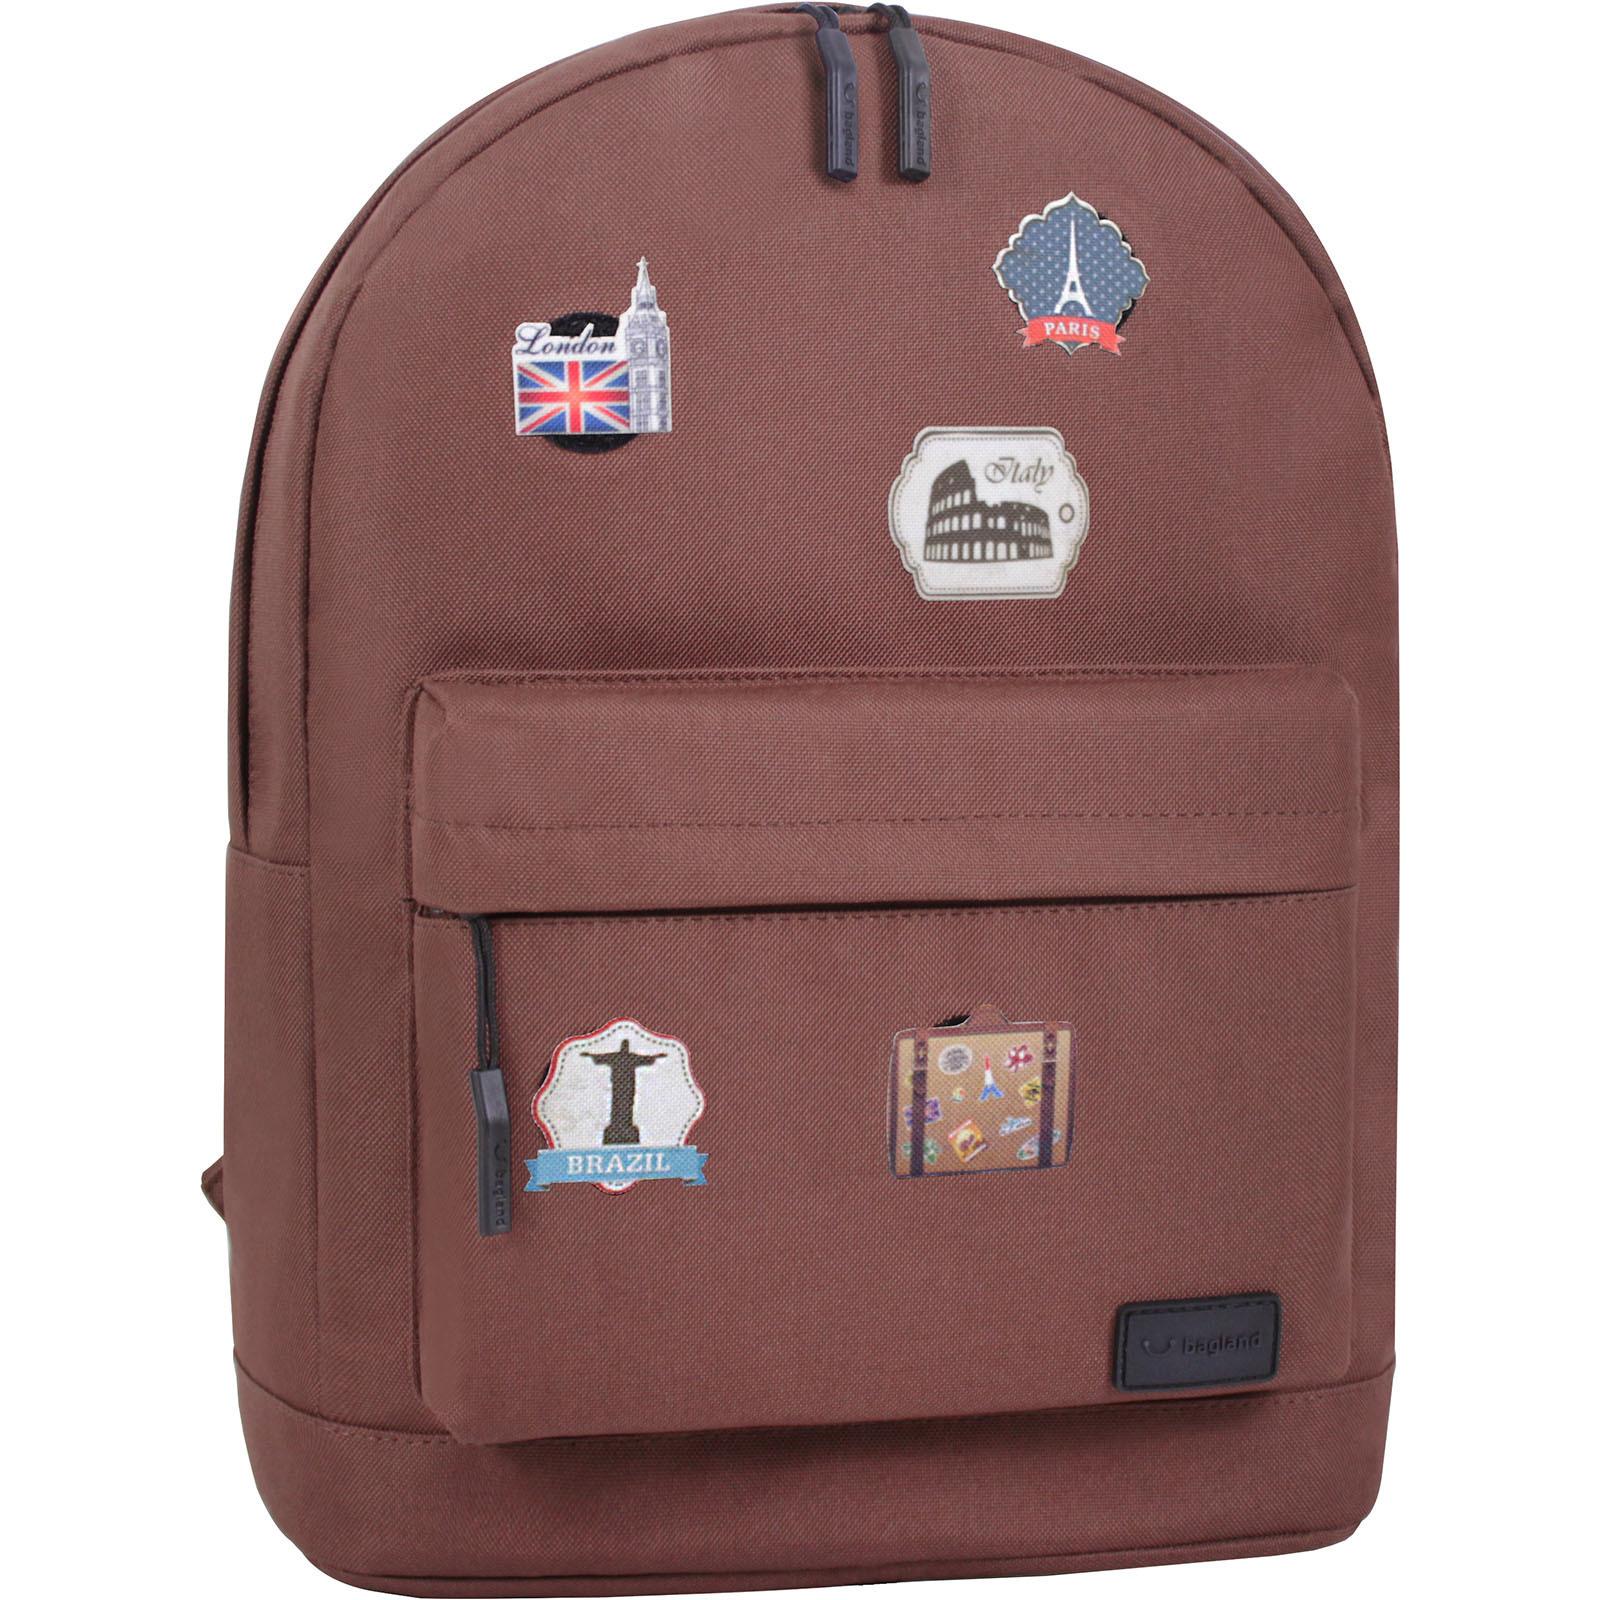 Молодежные рюкзаки Рюкзак Bagland Молодежный W/R 17 л. 299 коричневый (00533662 Ш) IMG_3075.JPG